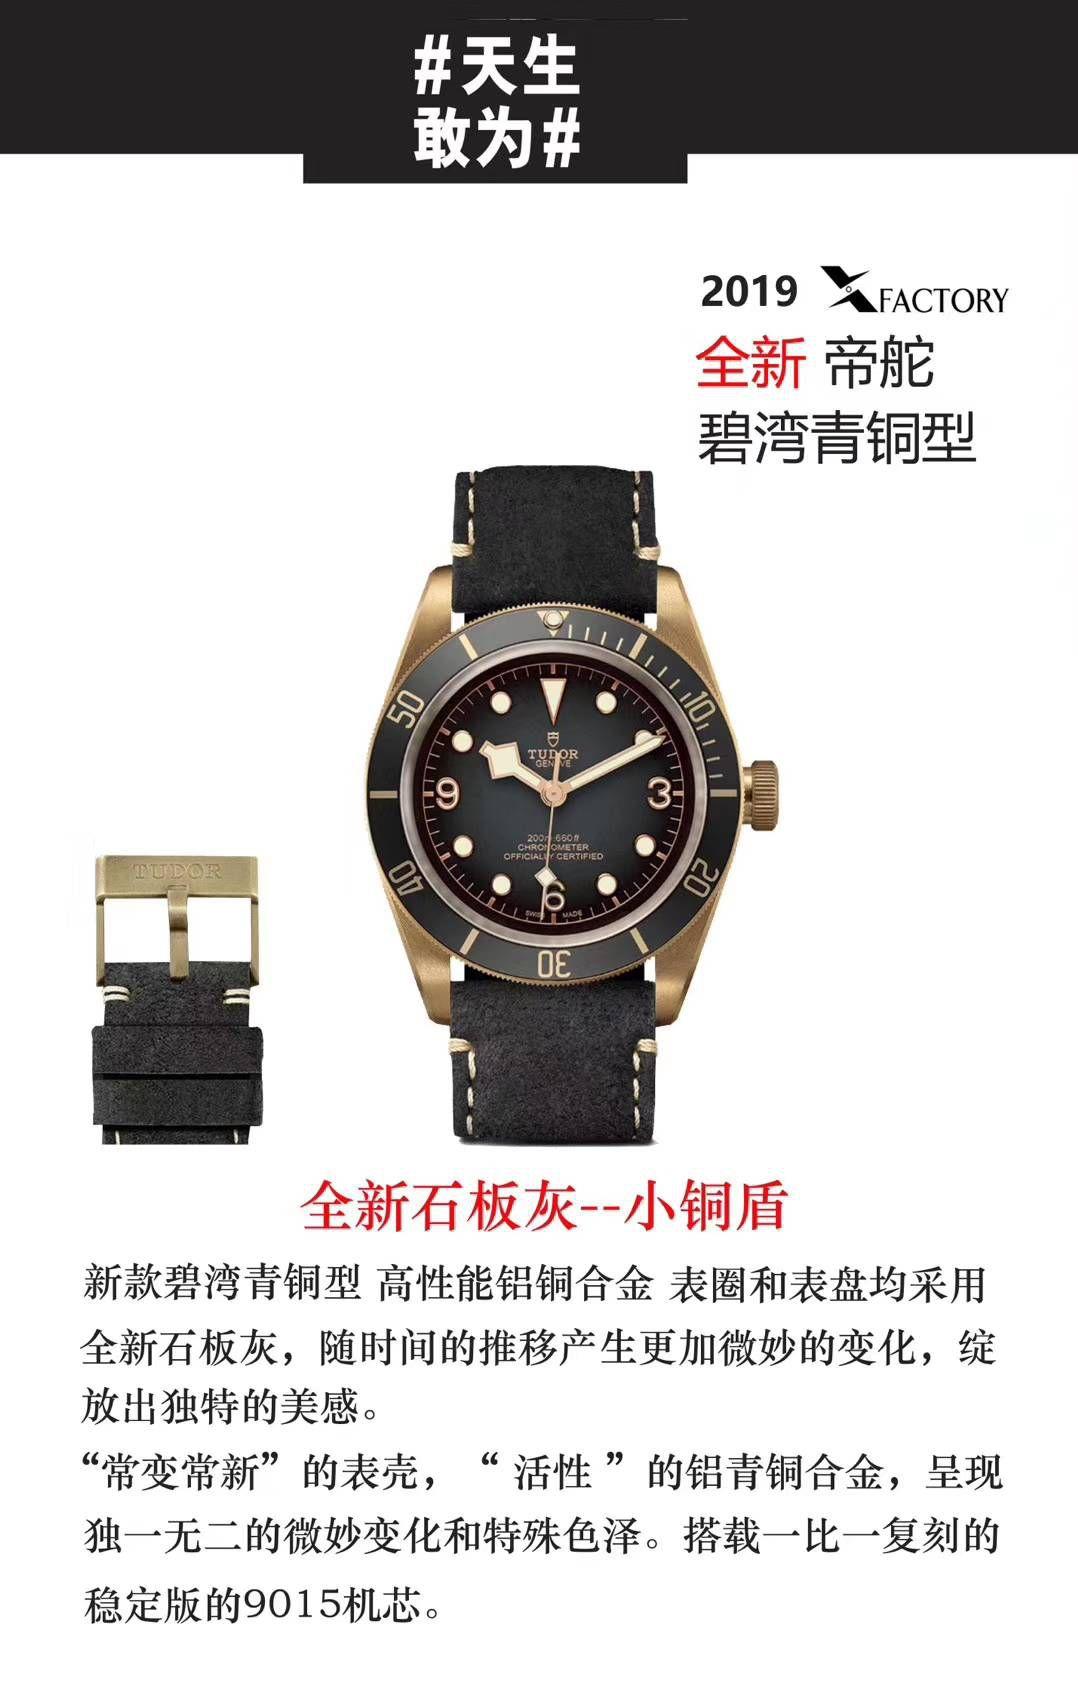 帝舵碧湾系列M79250BA-0001腕表一比一超A精仿手表【XF新品首发:贝克汉姆同款-最新帝驼碧湾青铜型-小铜盾】 / DT033